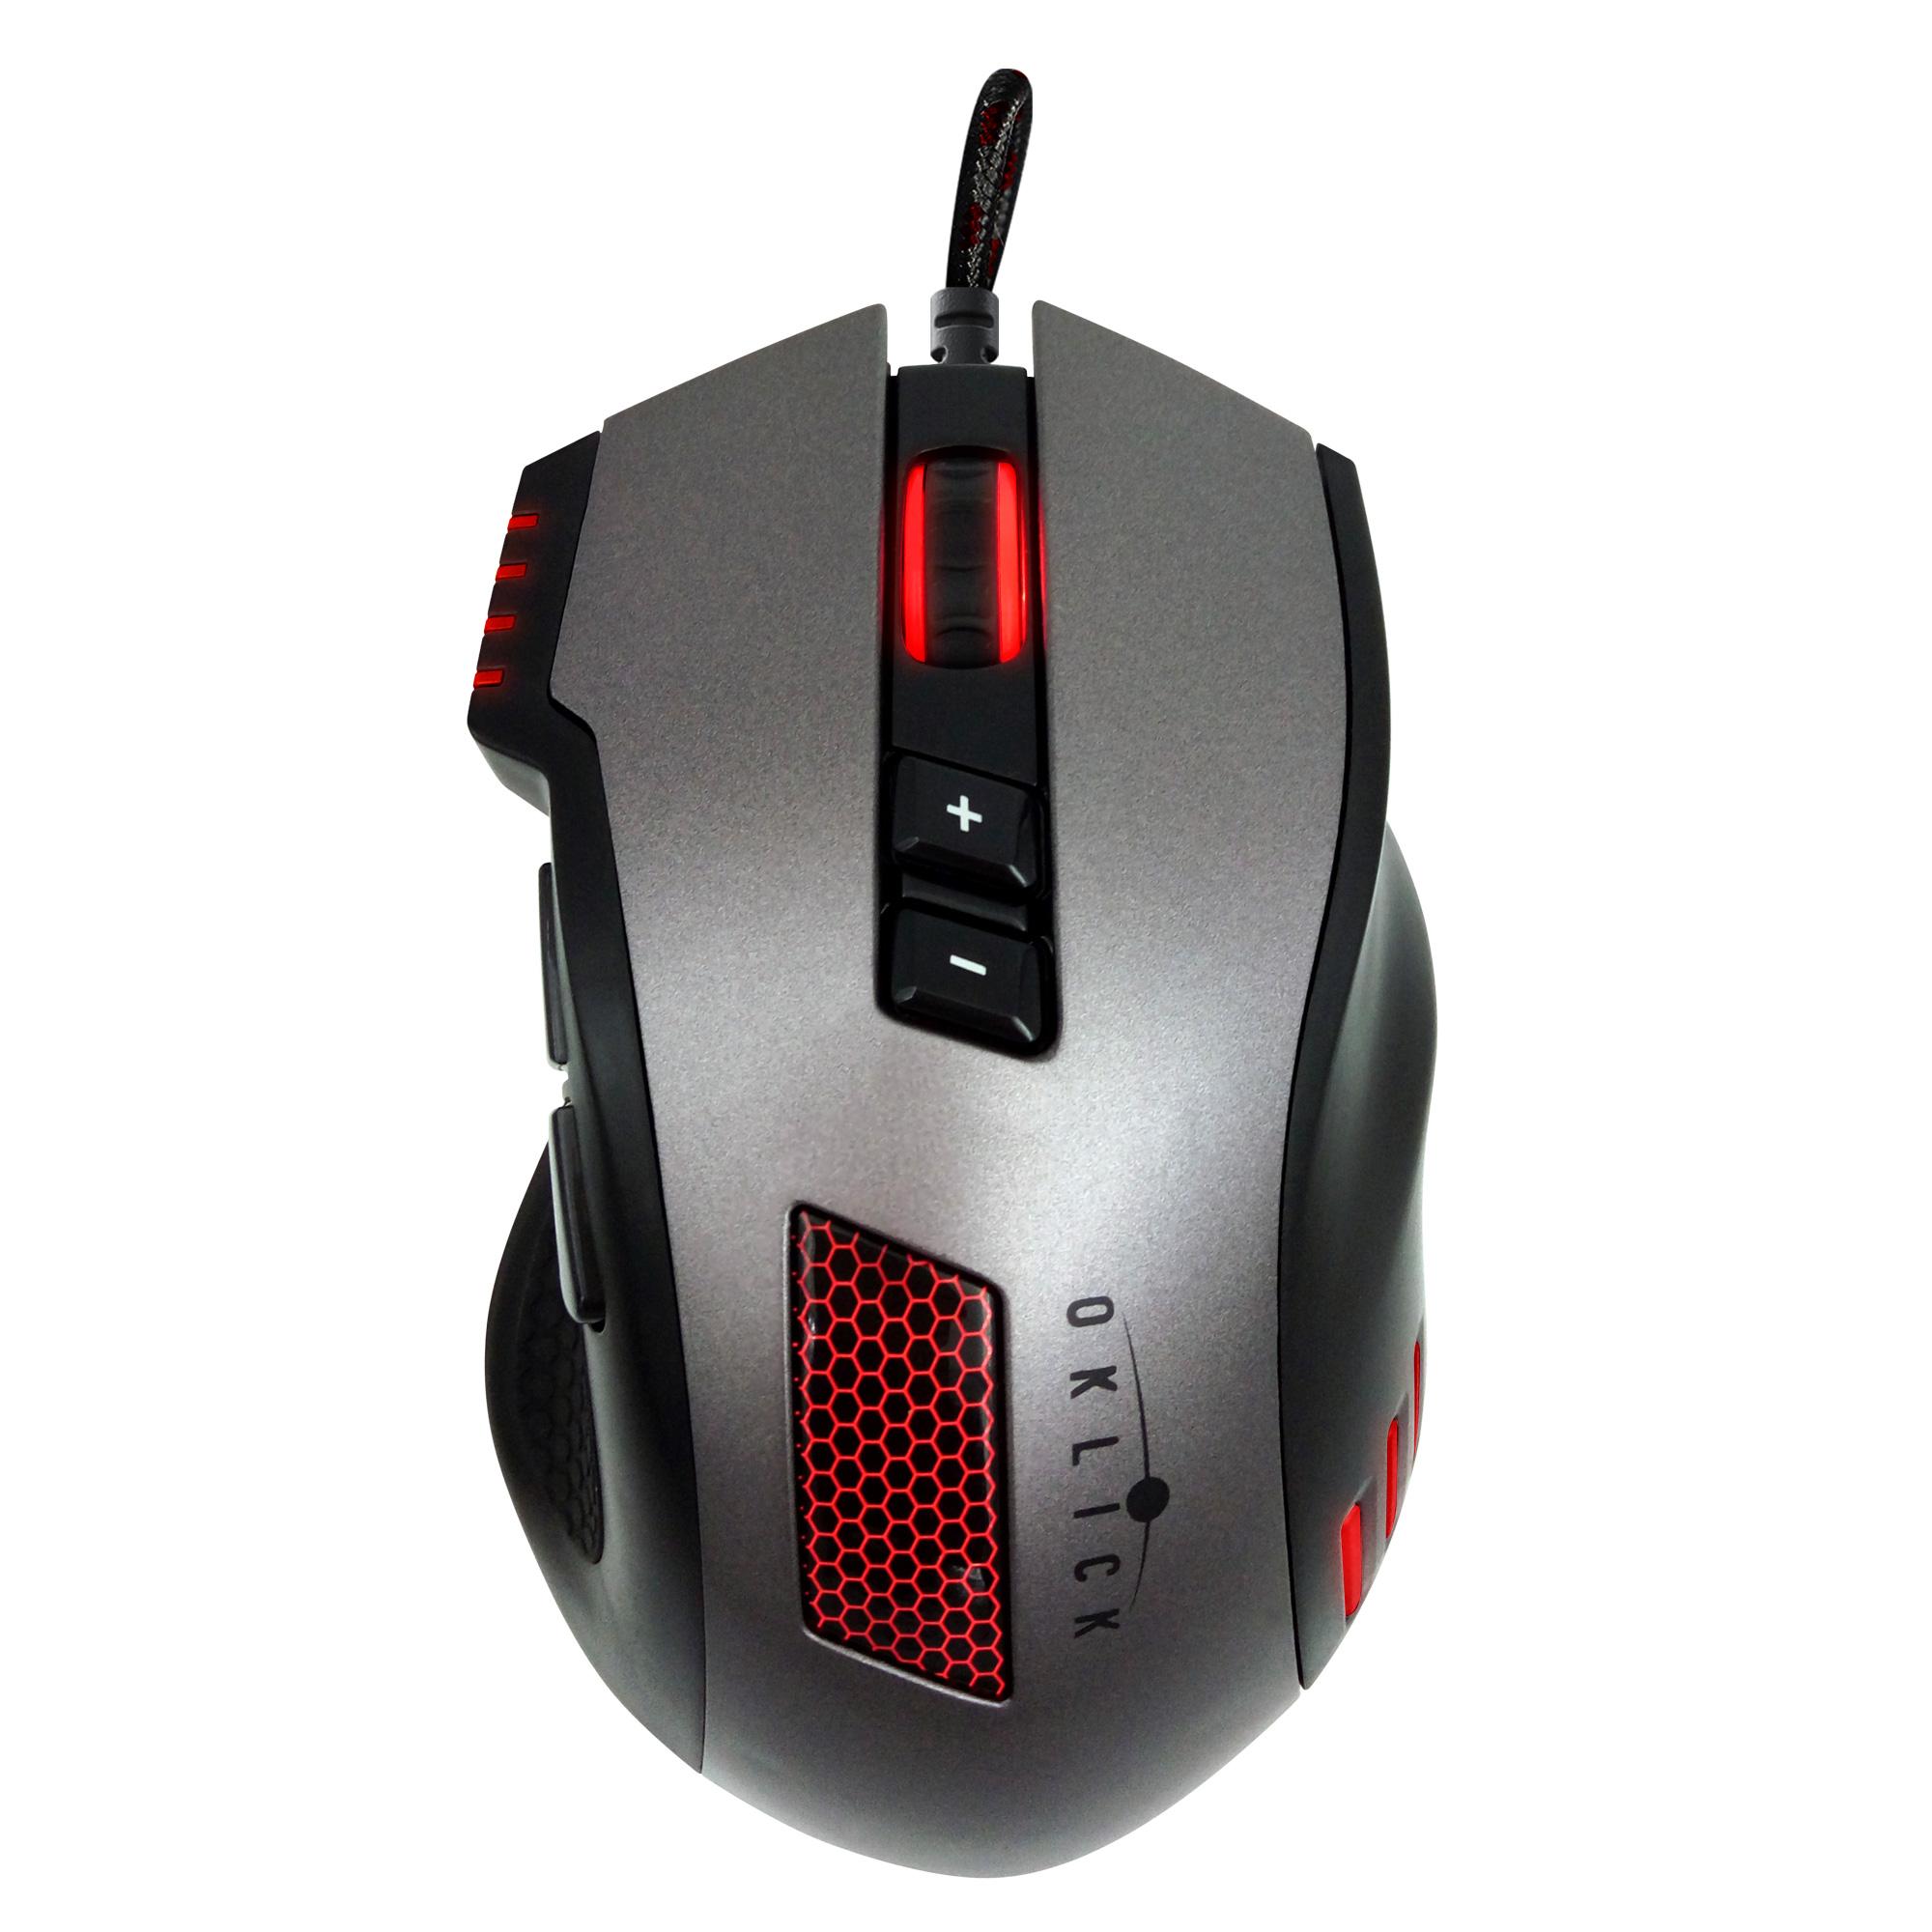 Мышь Oklick 805G V2 черный/серый оптическая (3200dpi) USB игровая (8but)